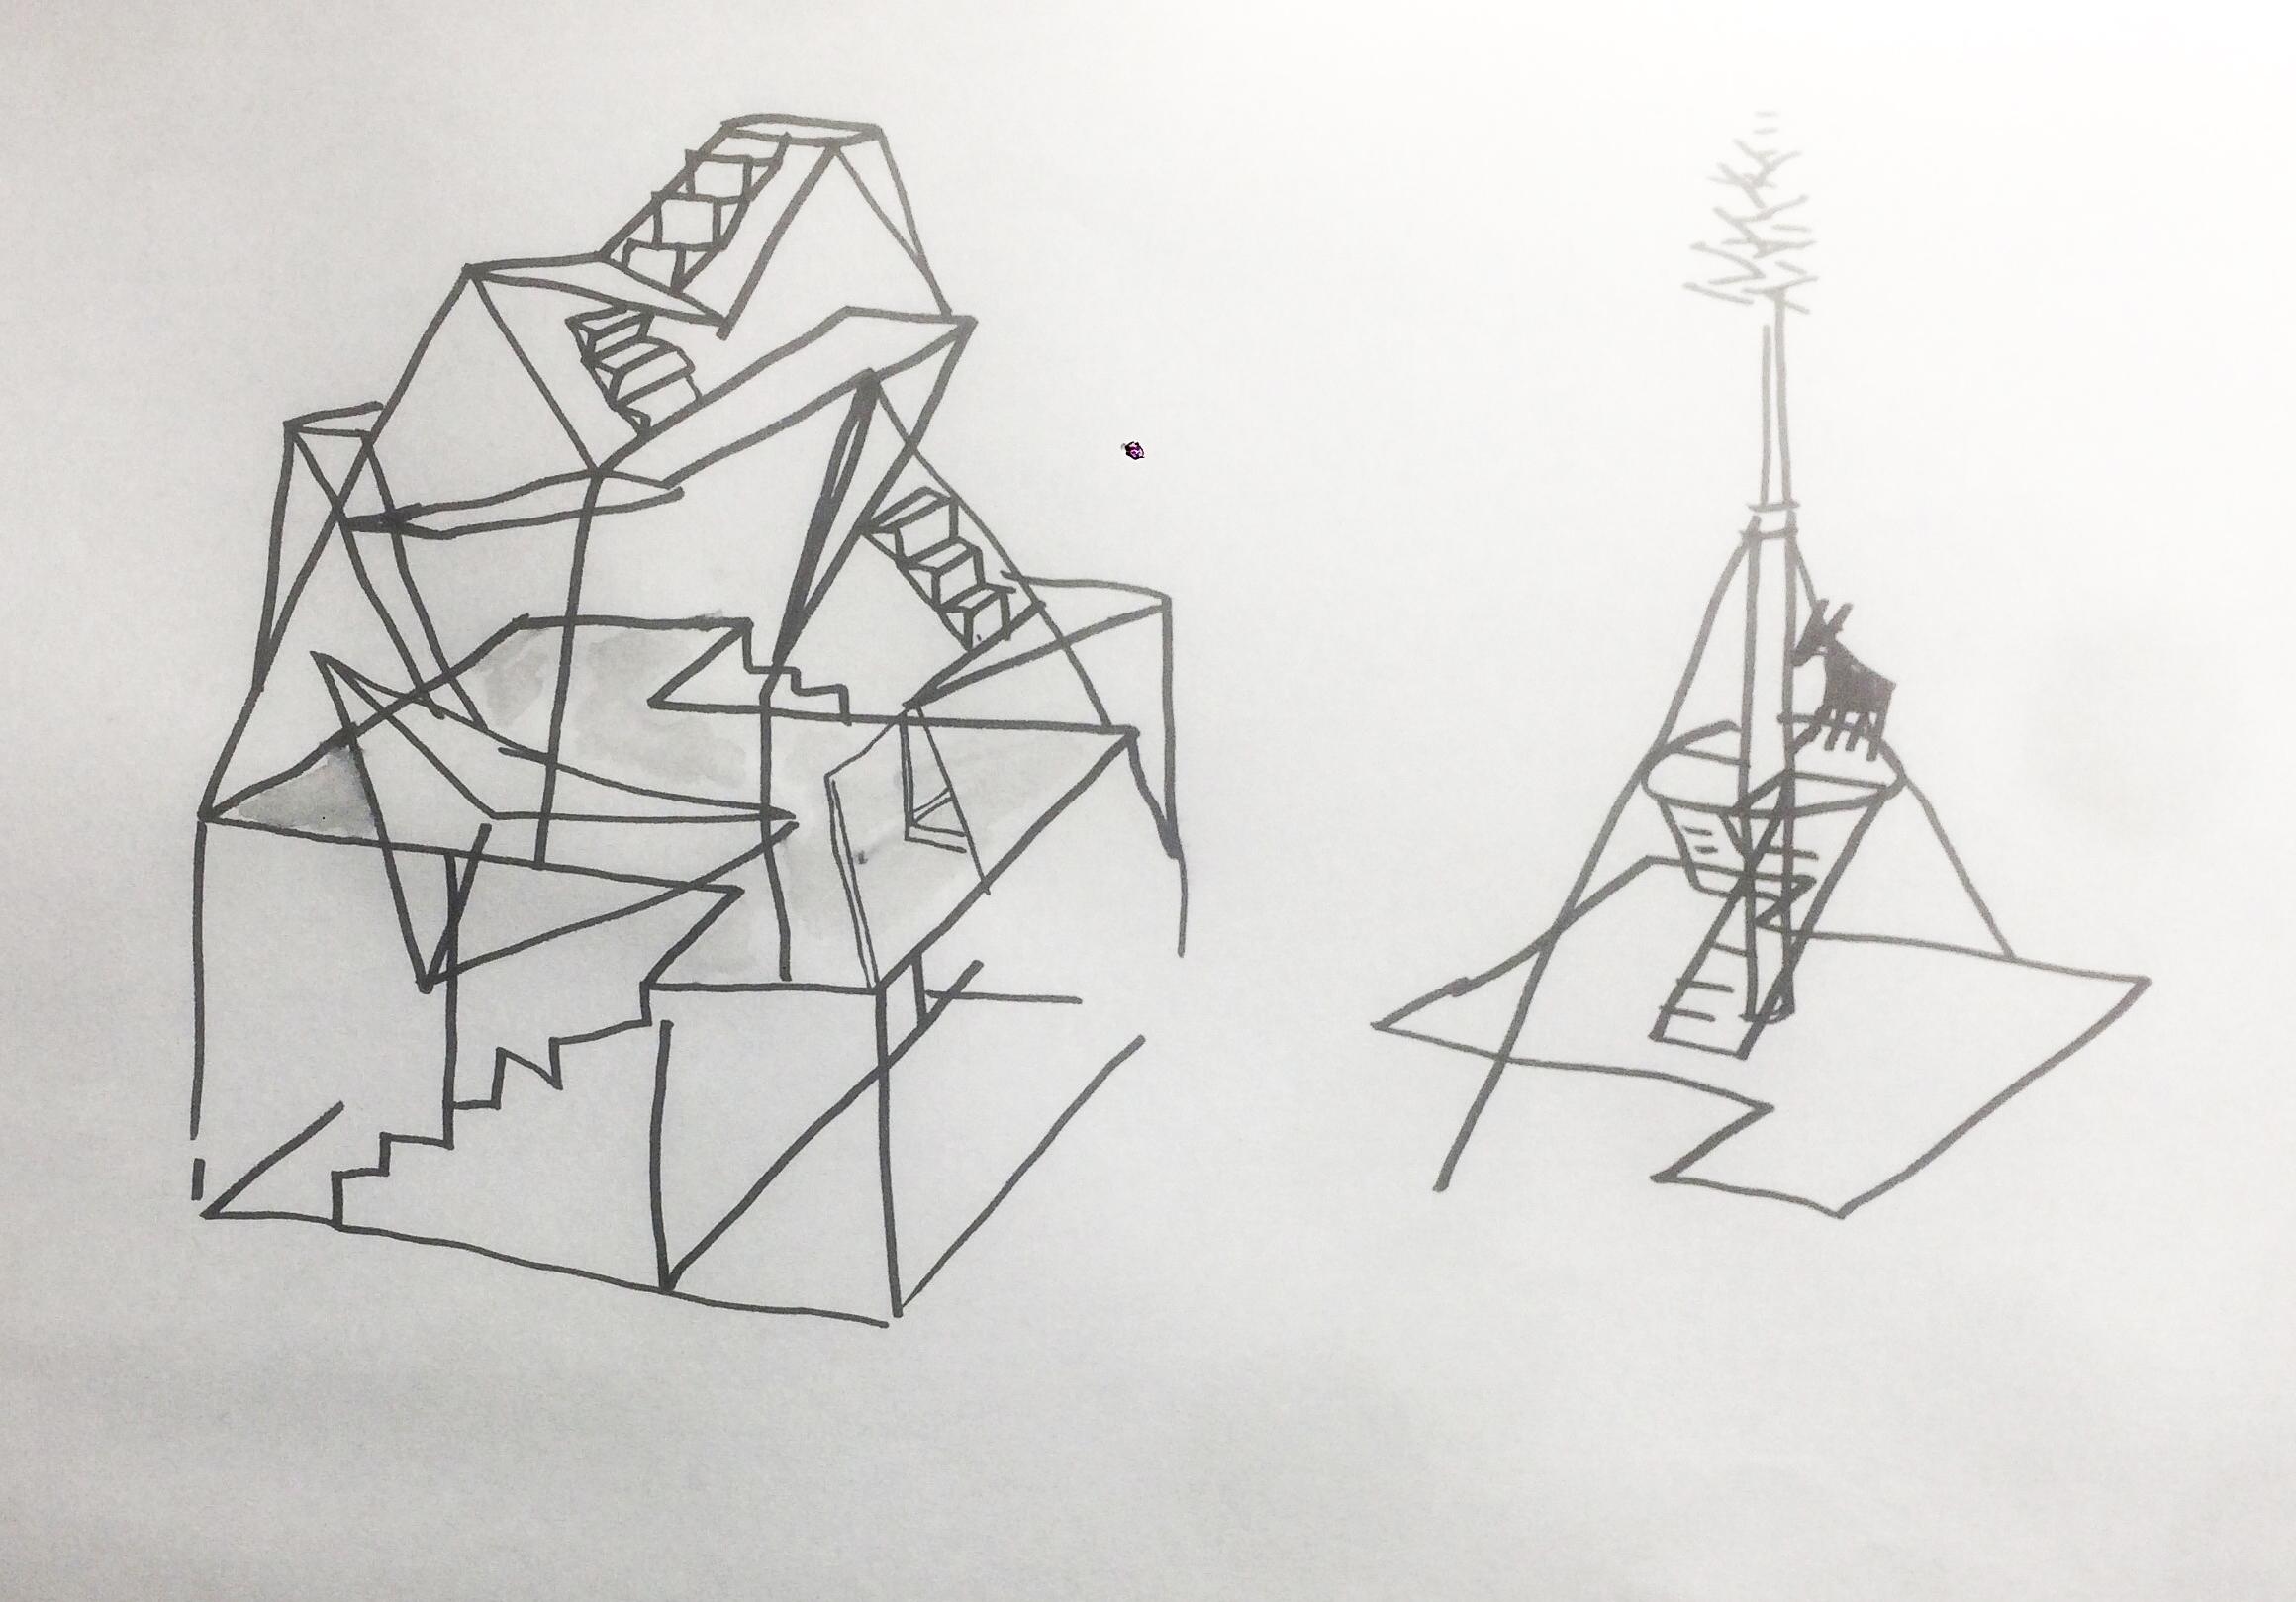 sketch by Fernando Garcia-Dory